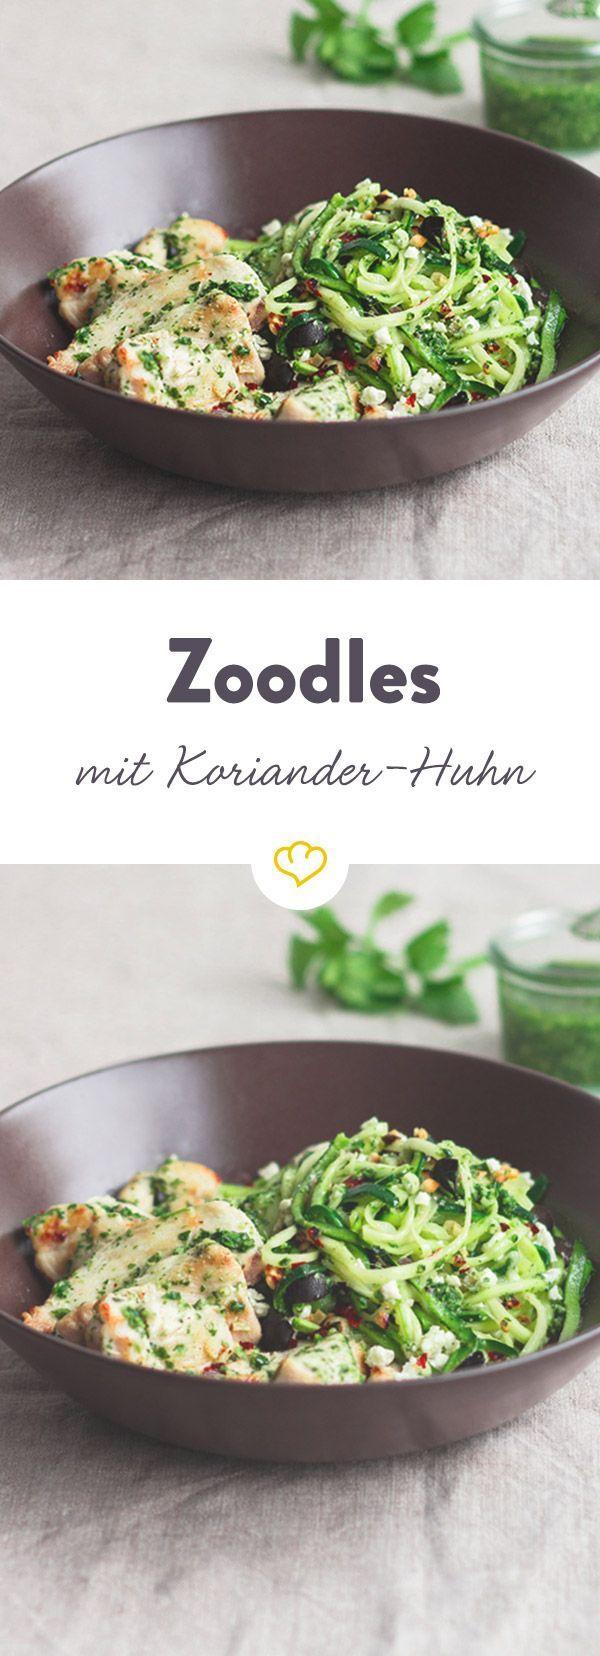 Coriander chicken with zucchini noodles - -